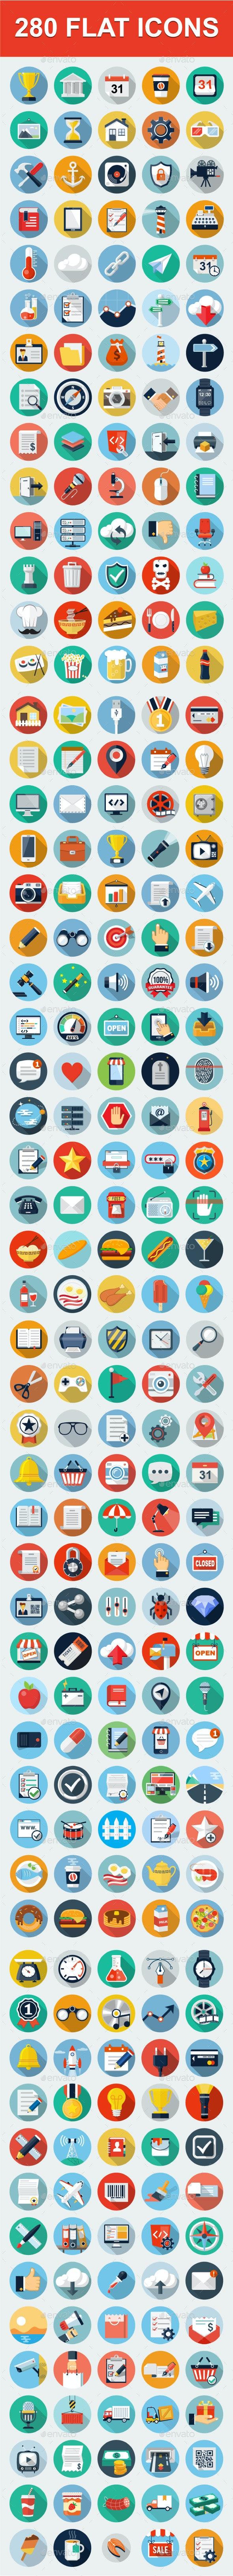 280 Flat Web icons. - Web Icons